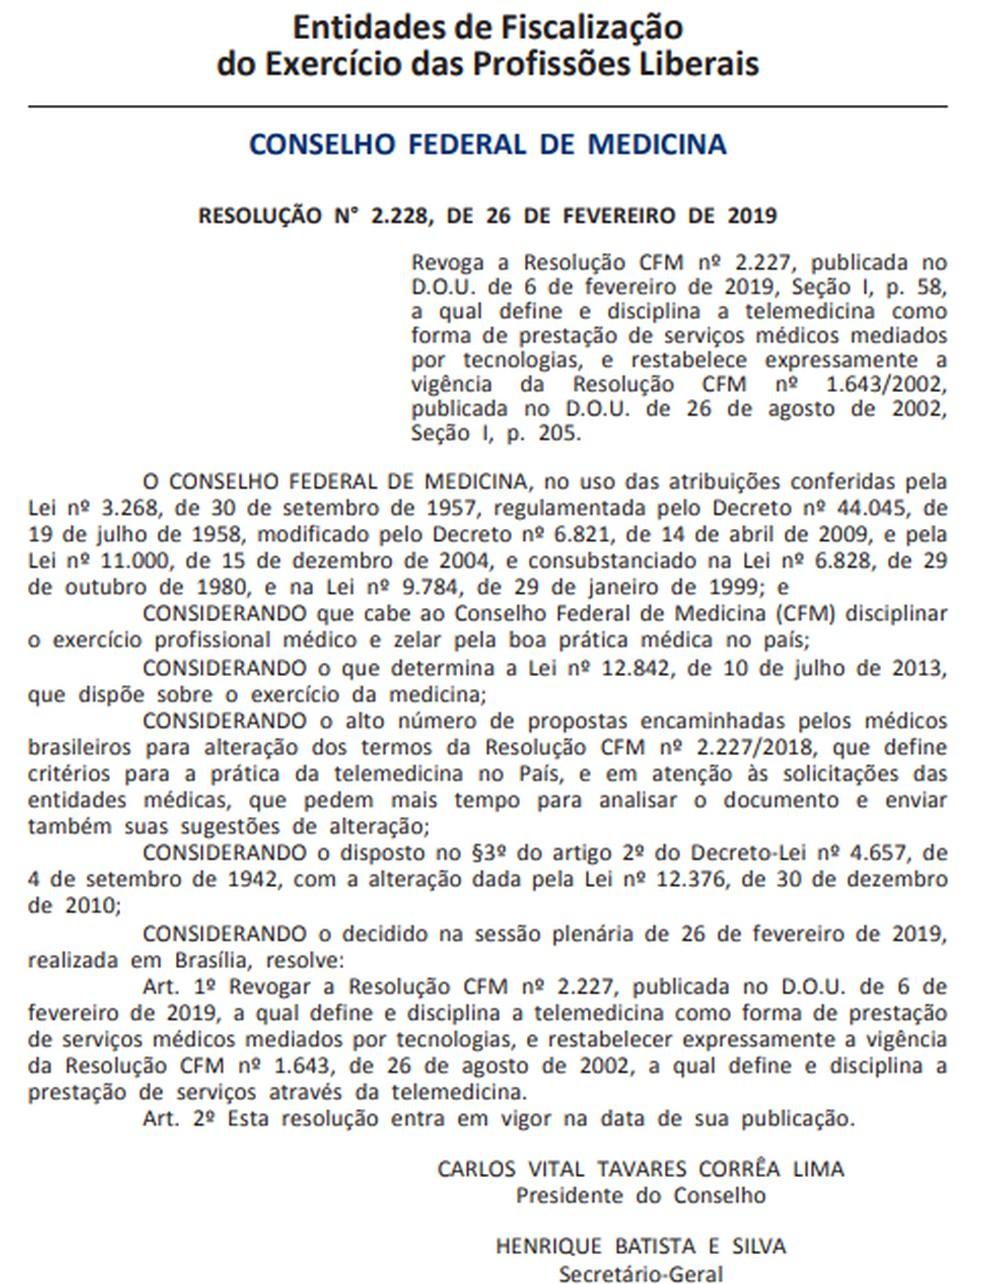 Resolução que revoga novas regras da telemedicina é publicada no Diário Oficial — Foto: Reprodução/G1